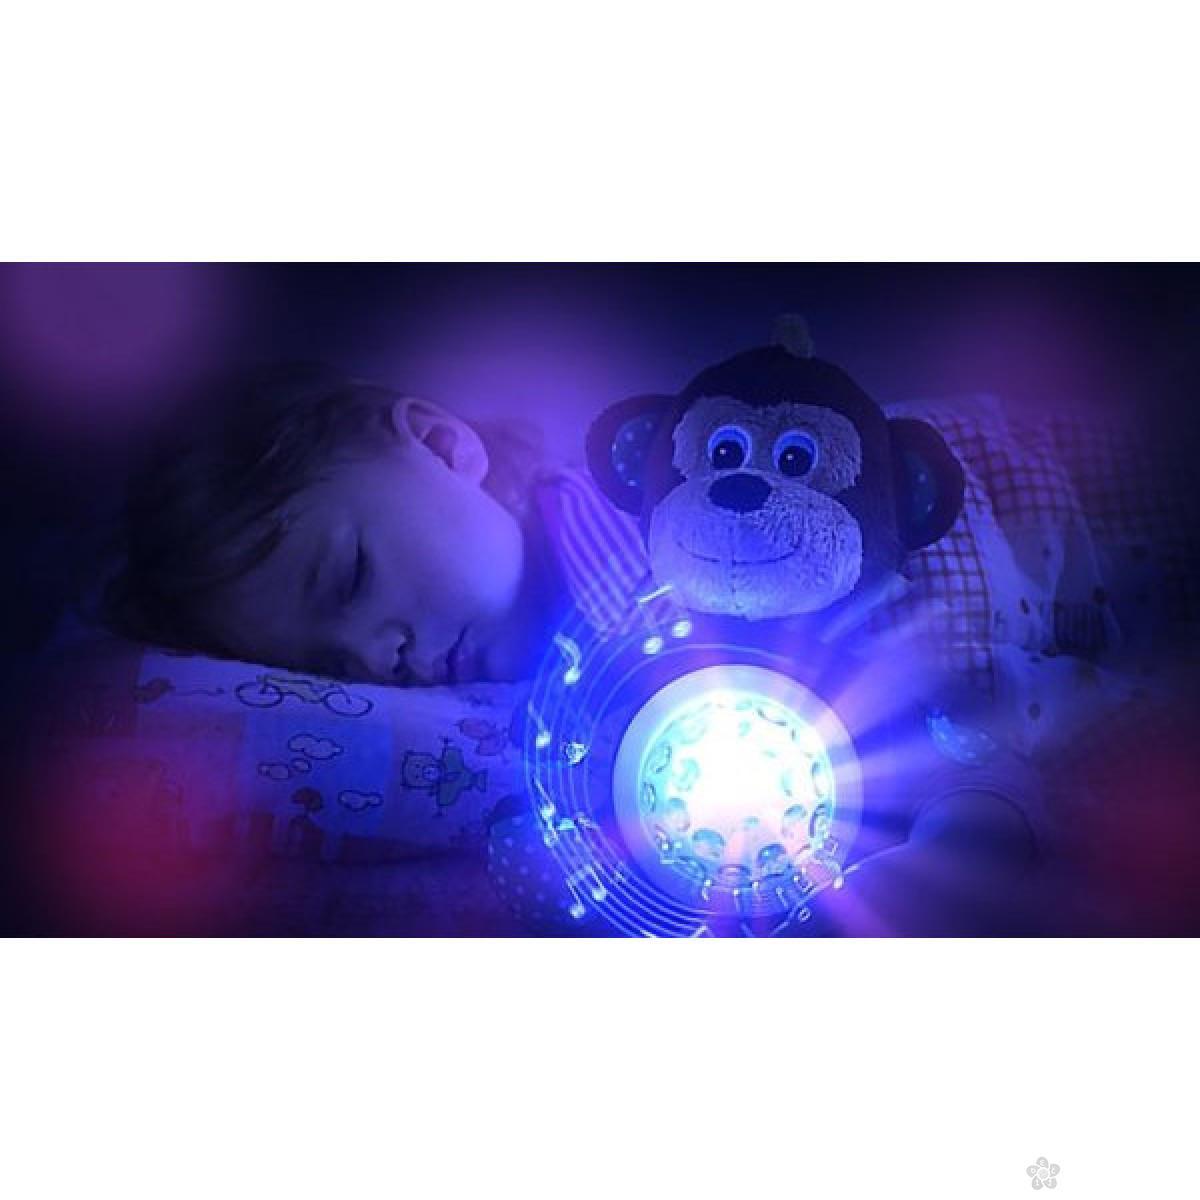 Noćno svetlo Zvezdani ljubimci (Starlight pets) – Ovčica, TS52844